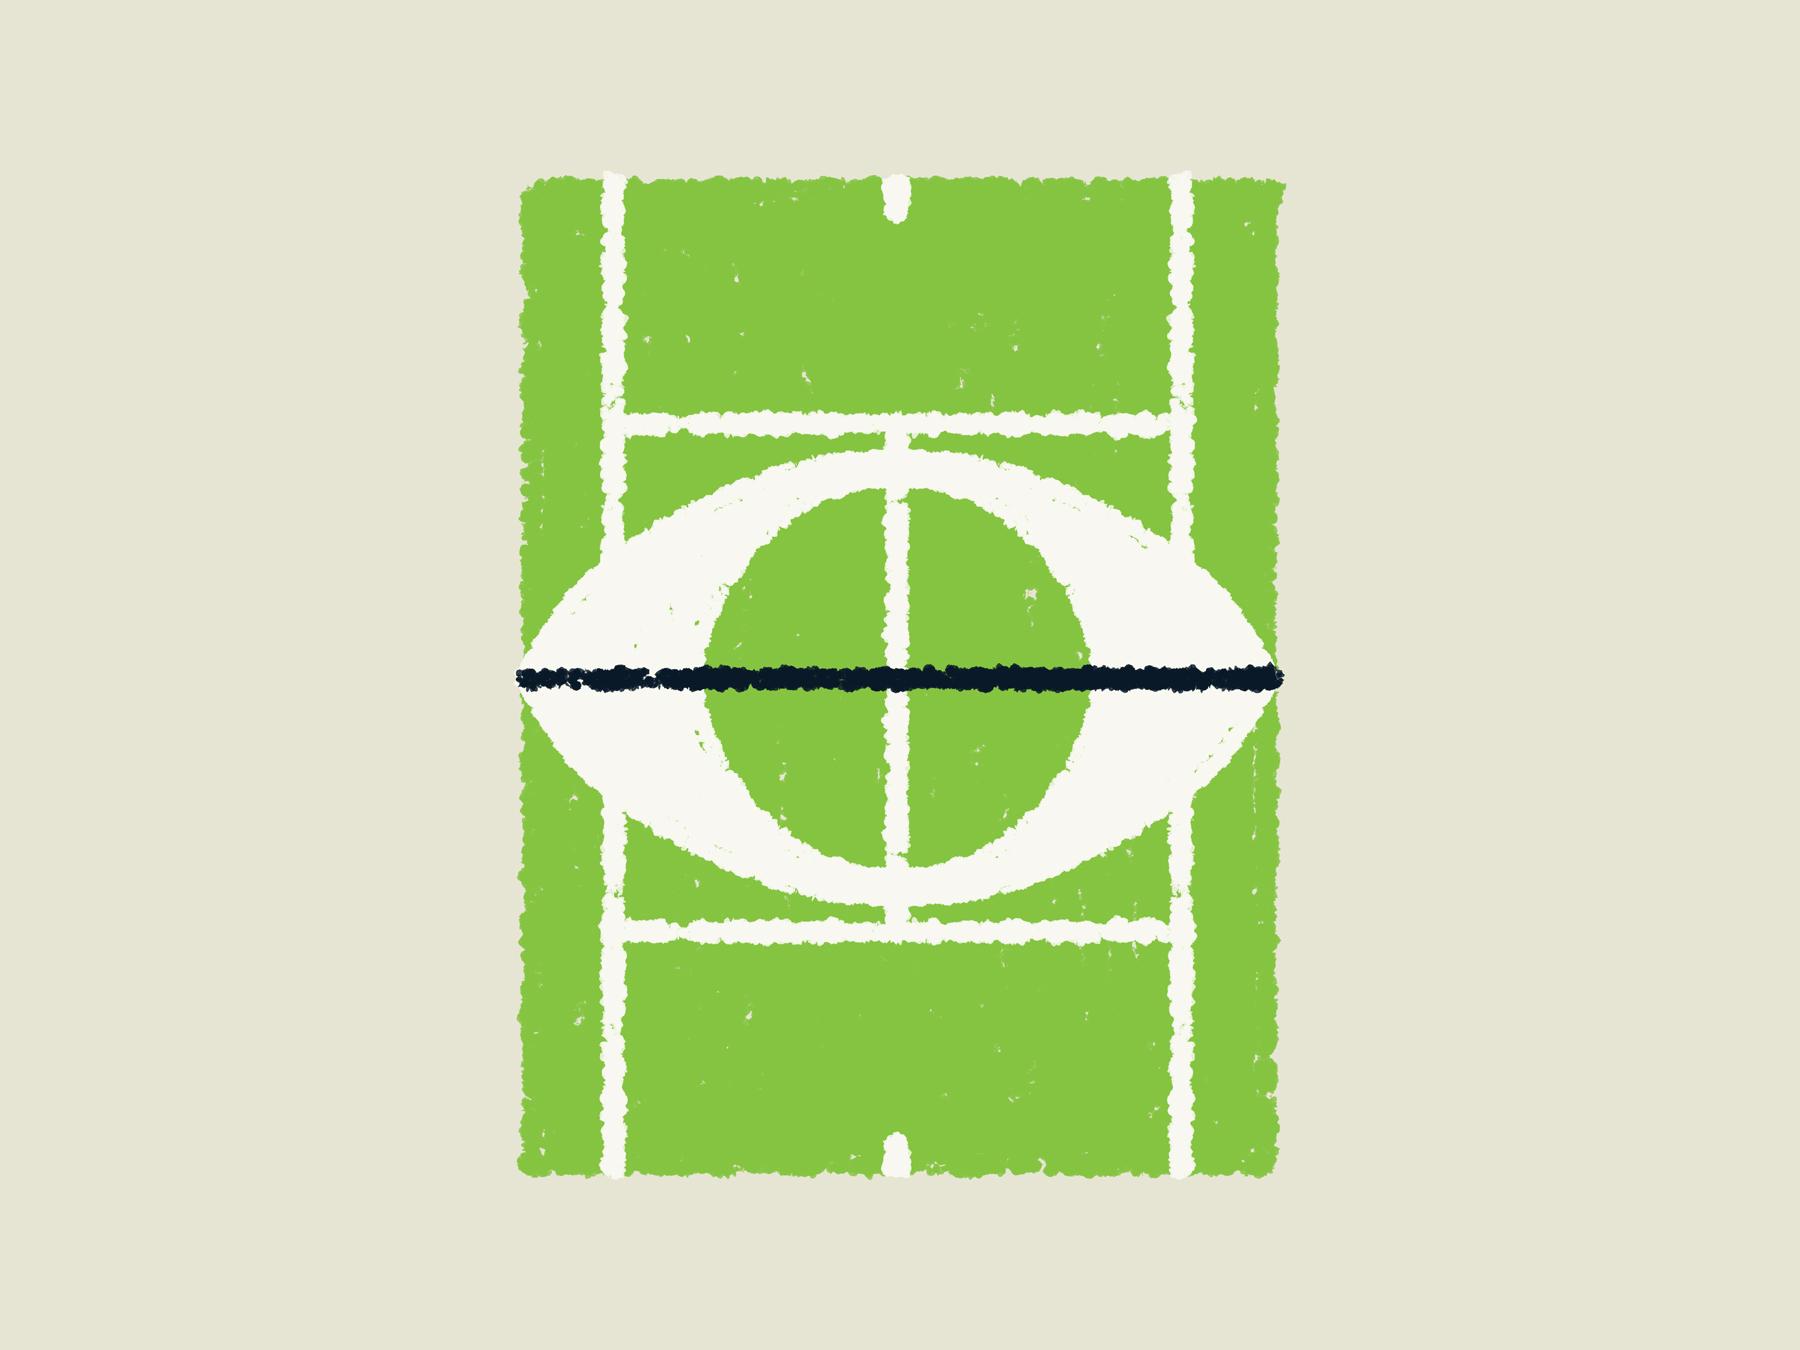 TennisCourtWEb.jpg